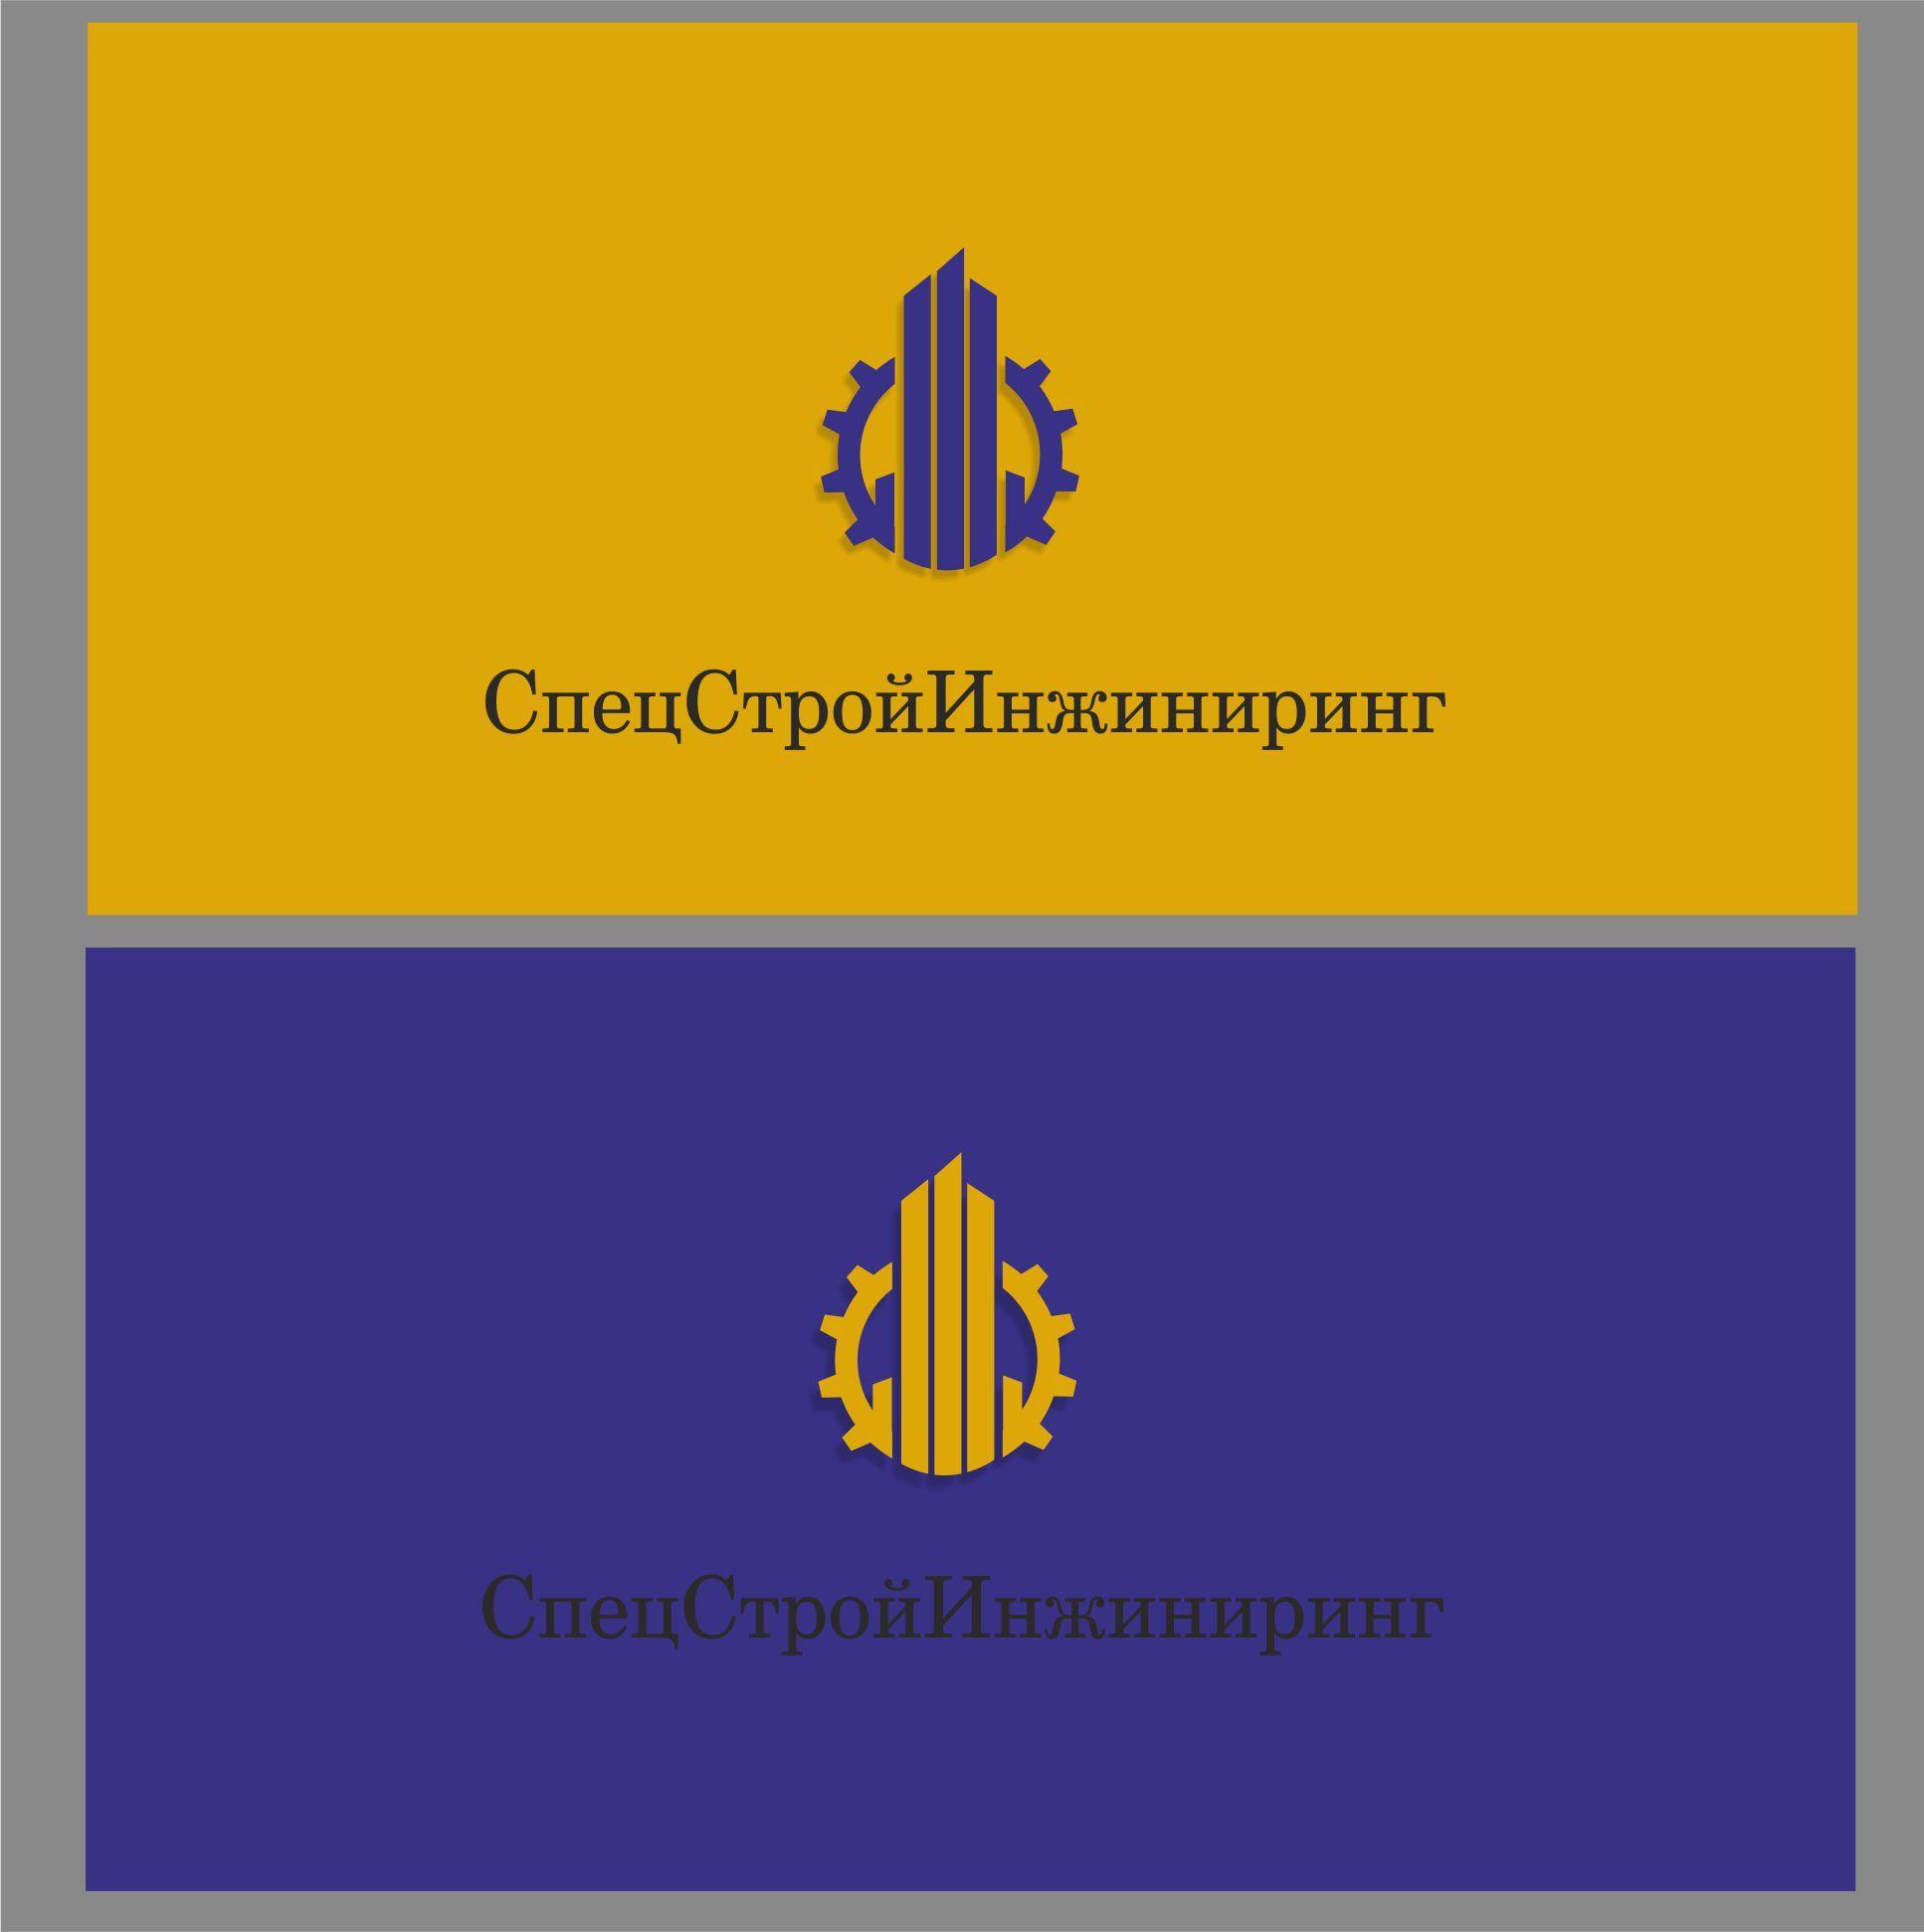 Логотип для строительной компании - дизайнер dbyjuhfl